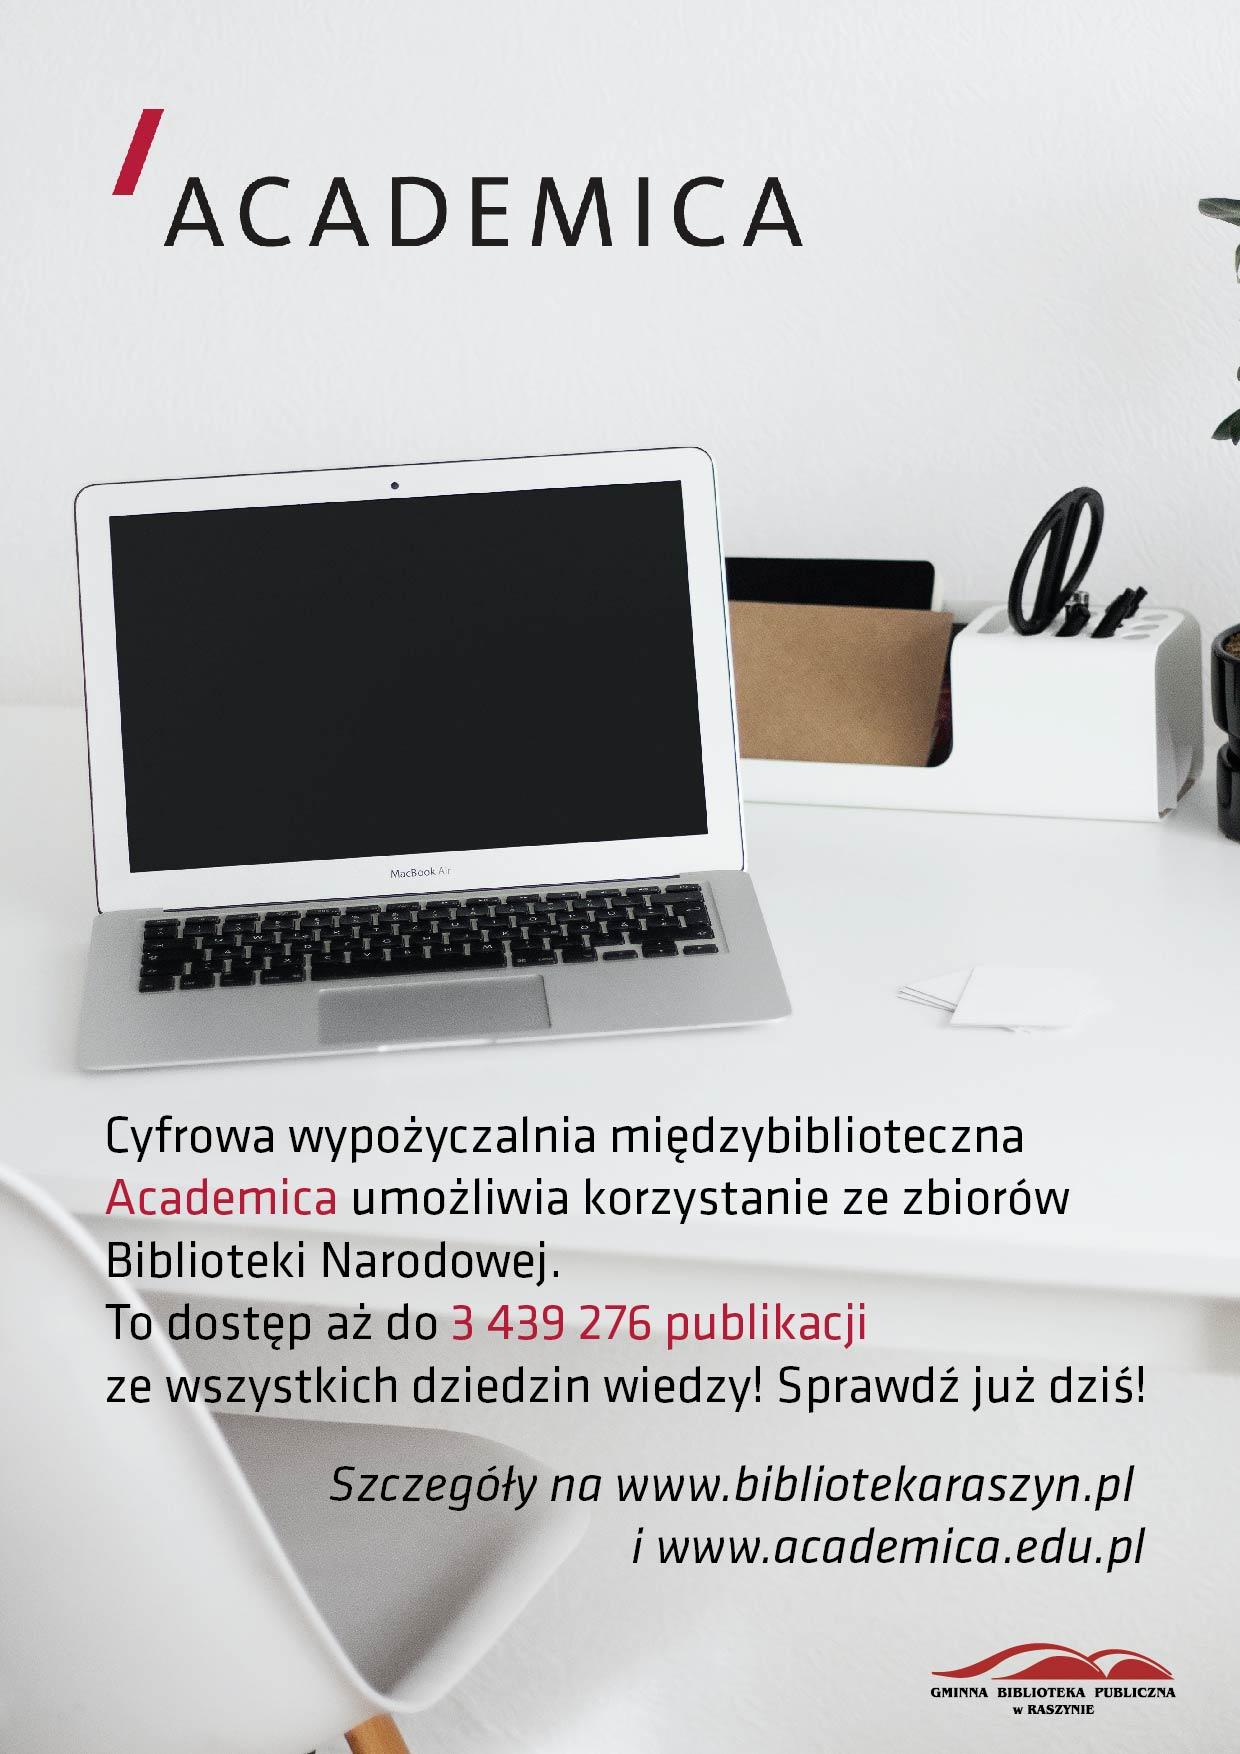 Wypożyczalnia cyfrowa Academica - plakat